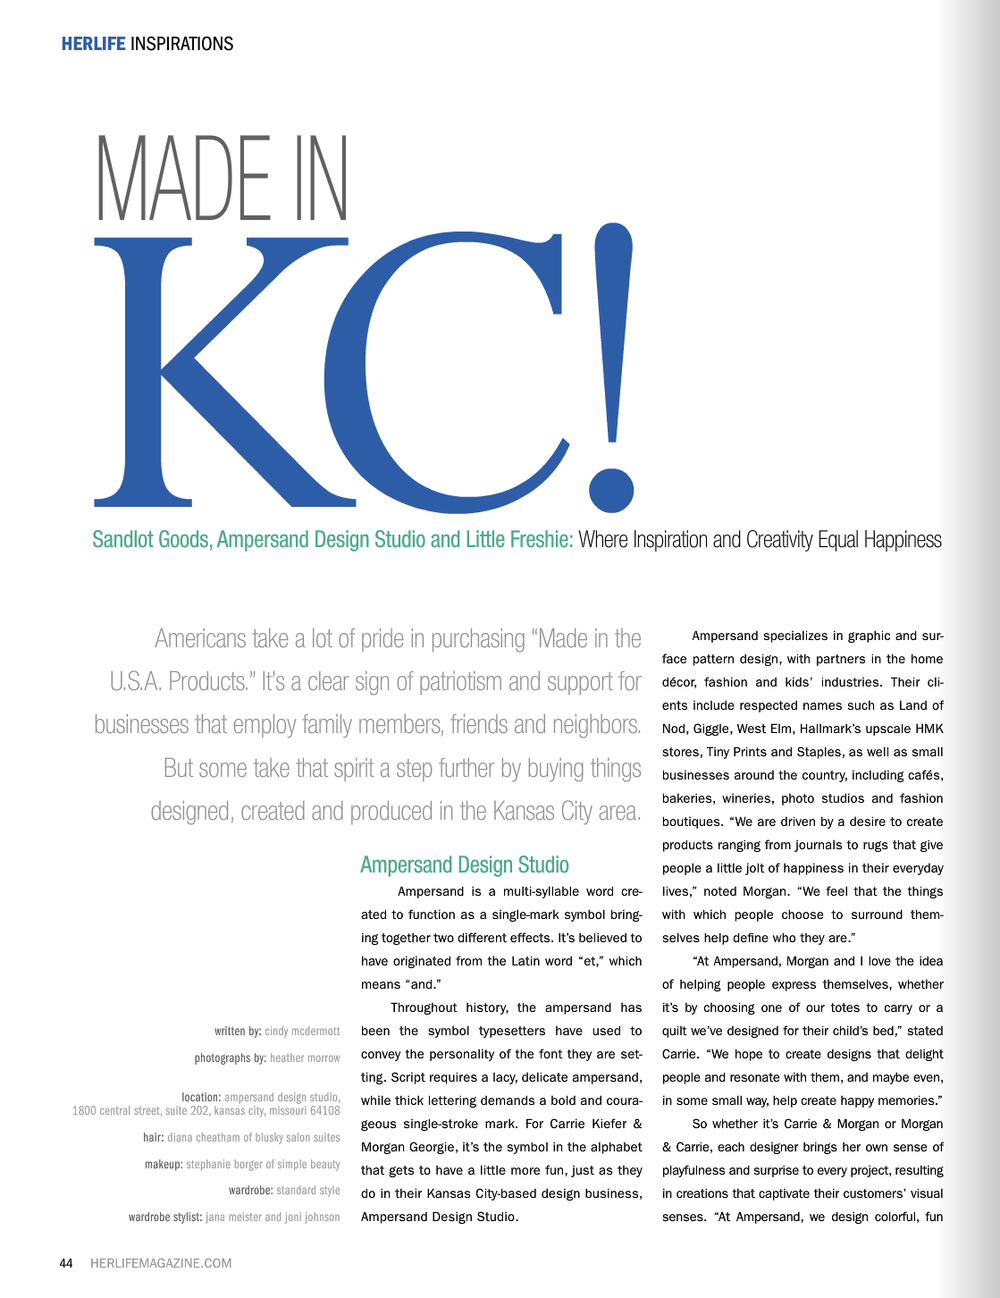 HerLifeMagazine_KansasCity_1